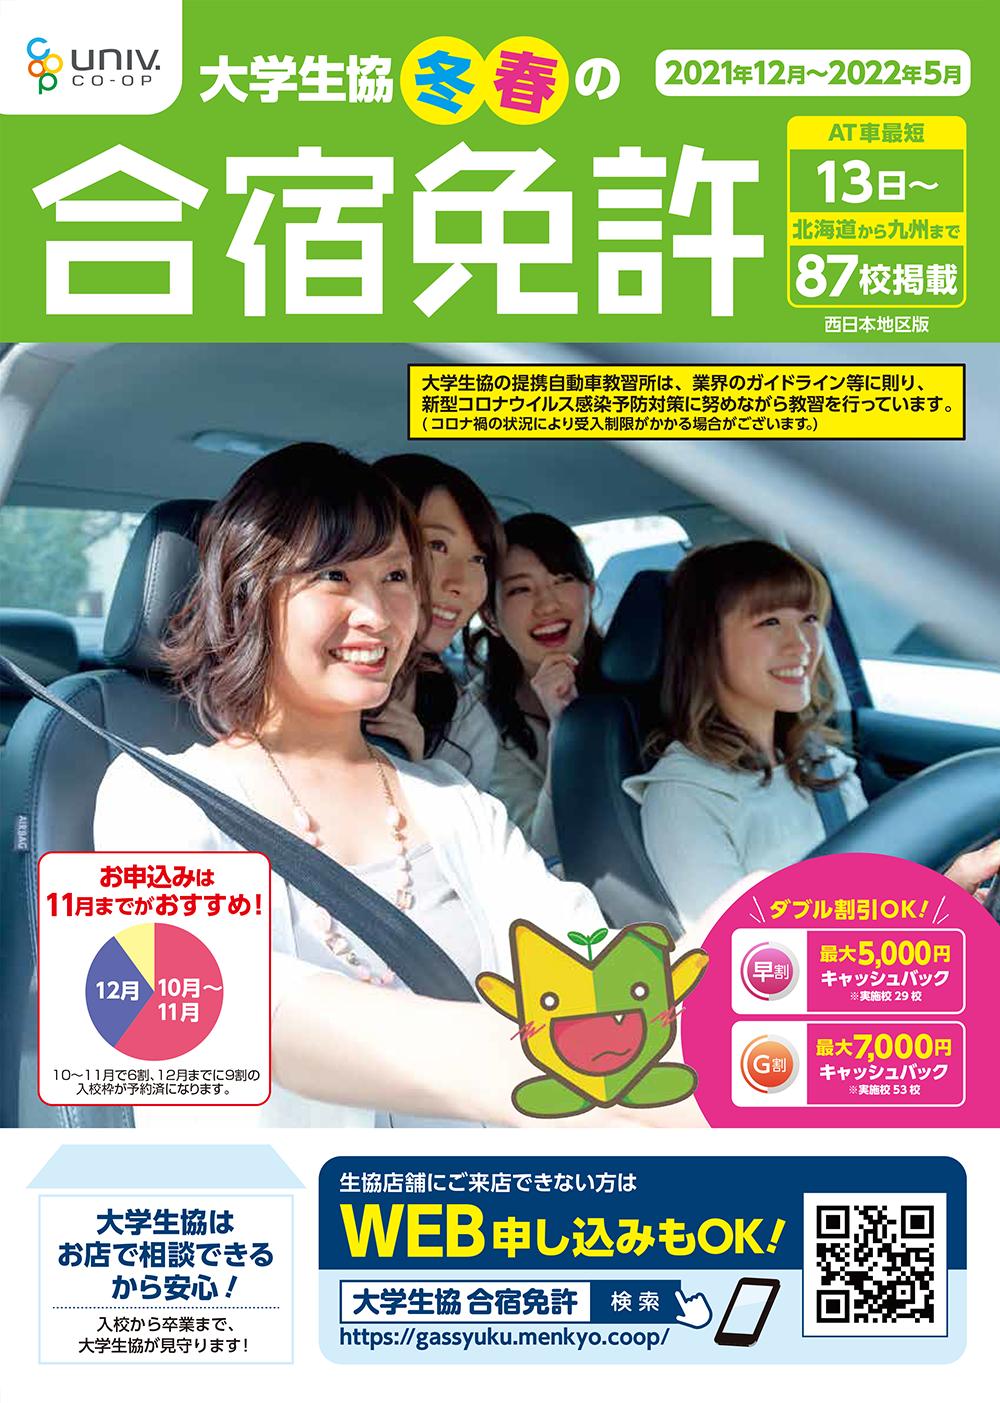 合宿免許2022冬春プラン(12月~5月入校)